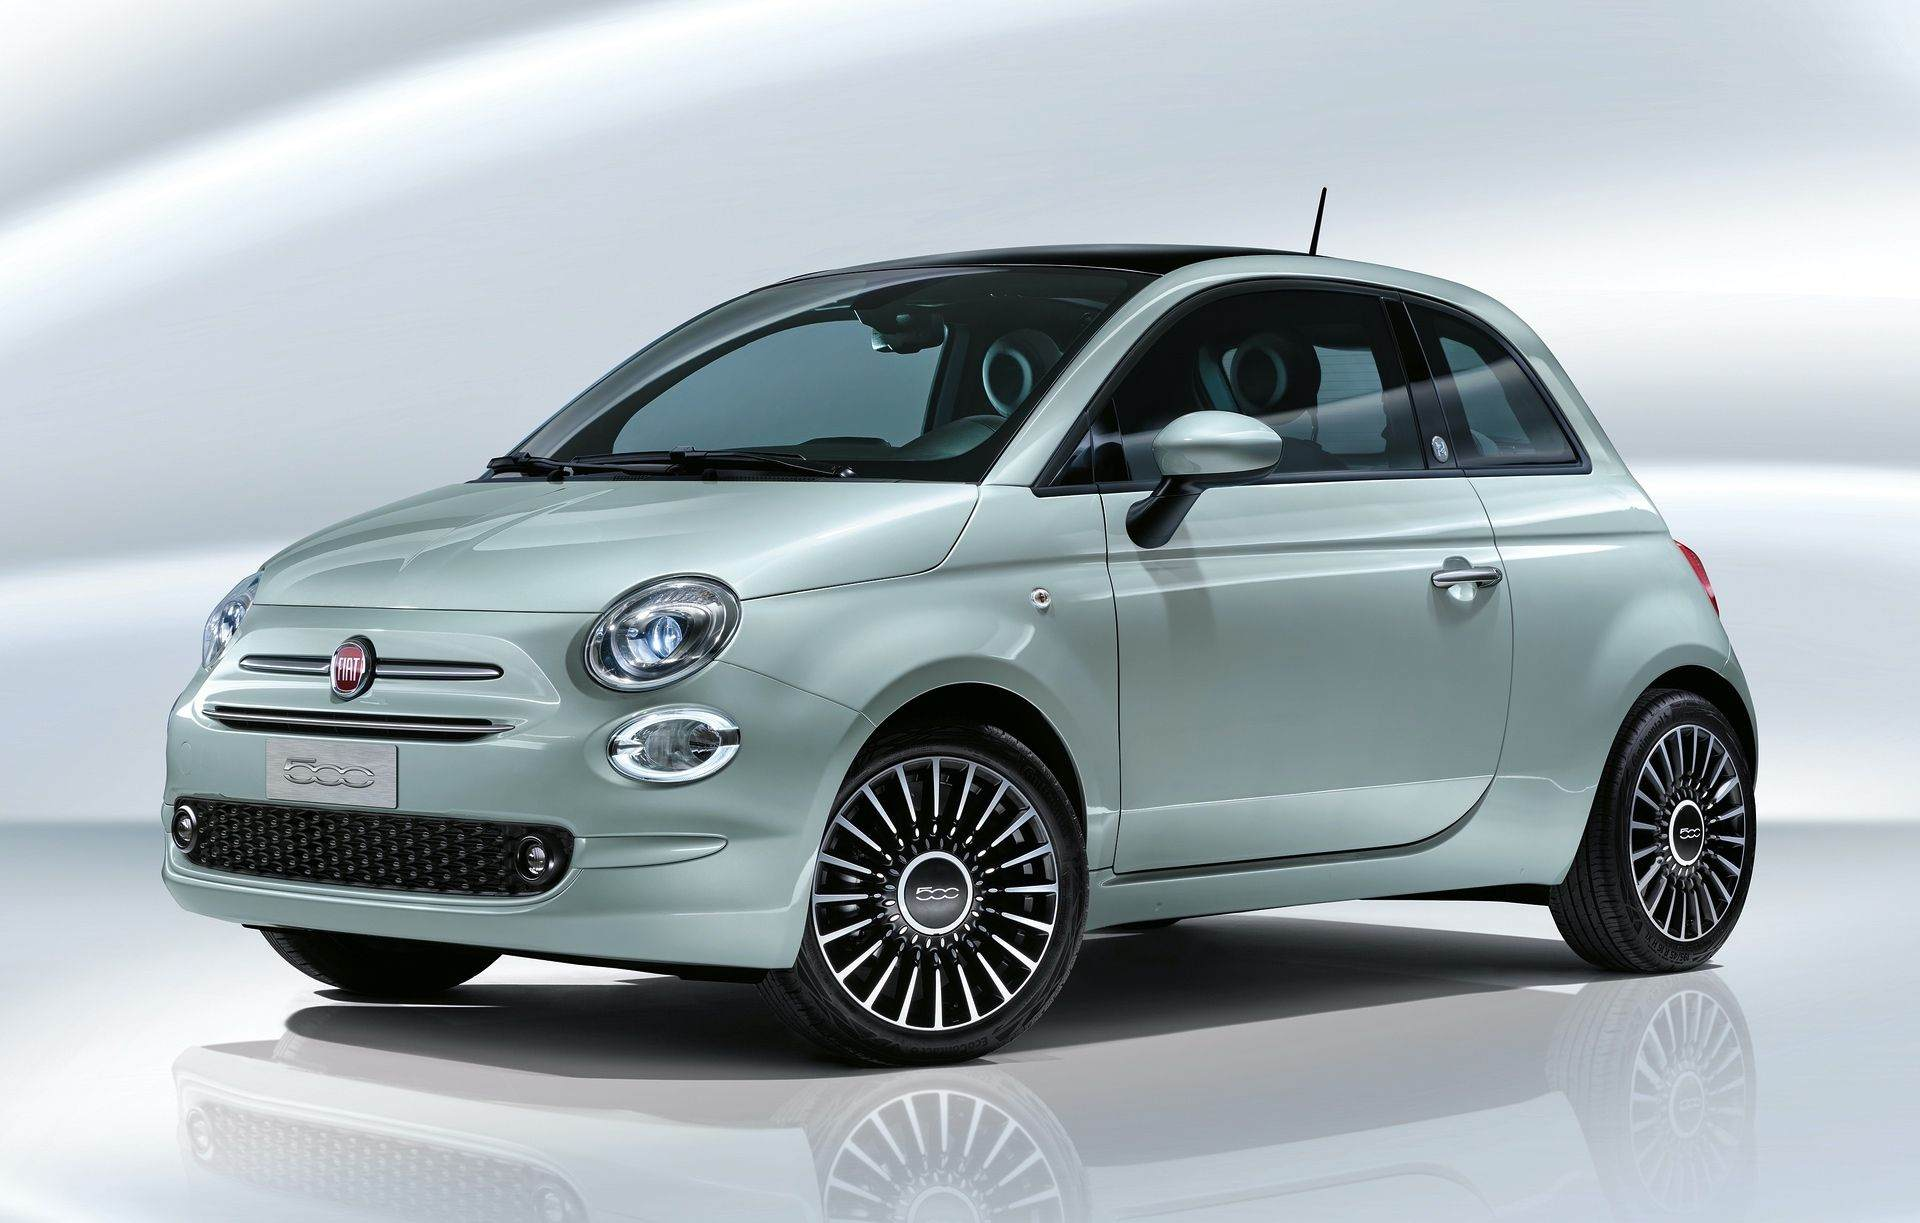 200108_Fiat_500-Hybrid-Launch-Edition_02